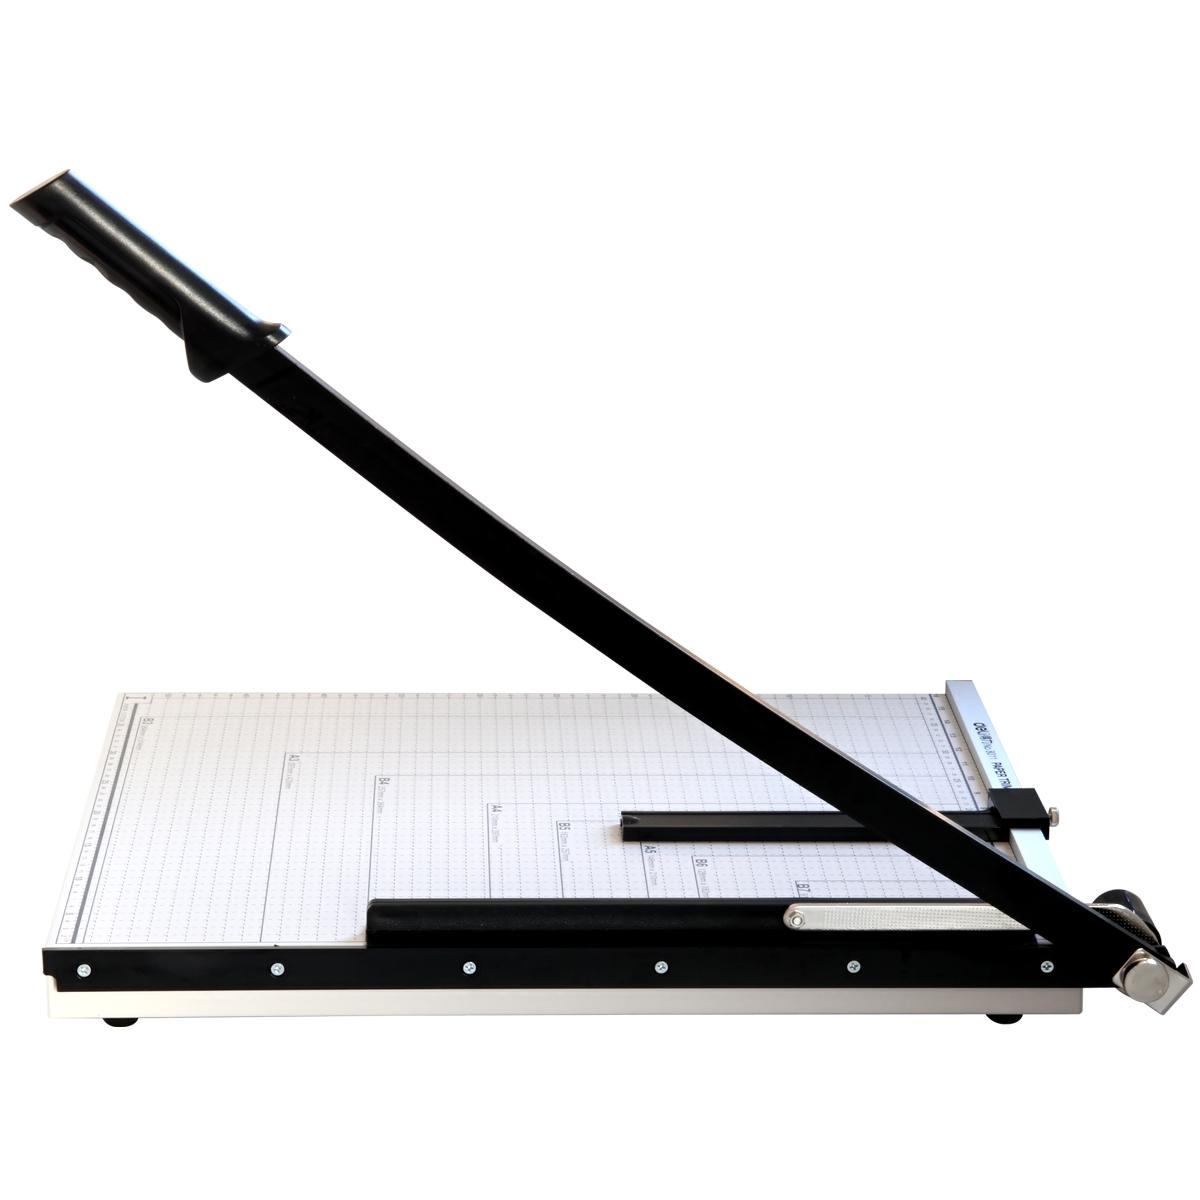 得力切纸机8011 A3手动钢制裁纸刀 锋利加厚刀片照片切纸板